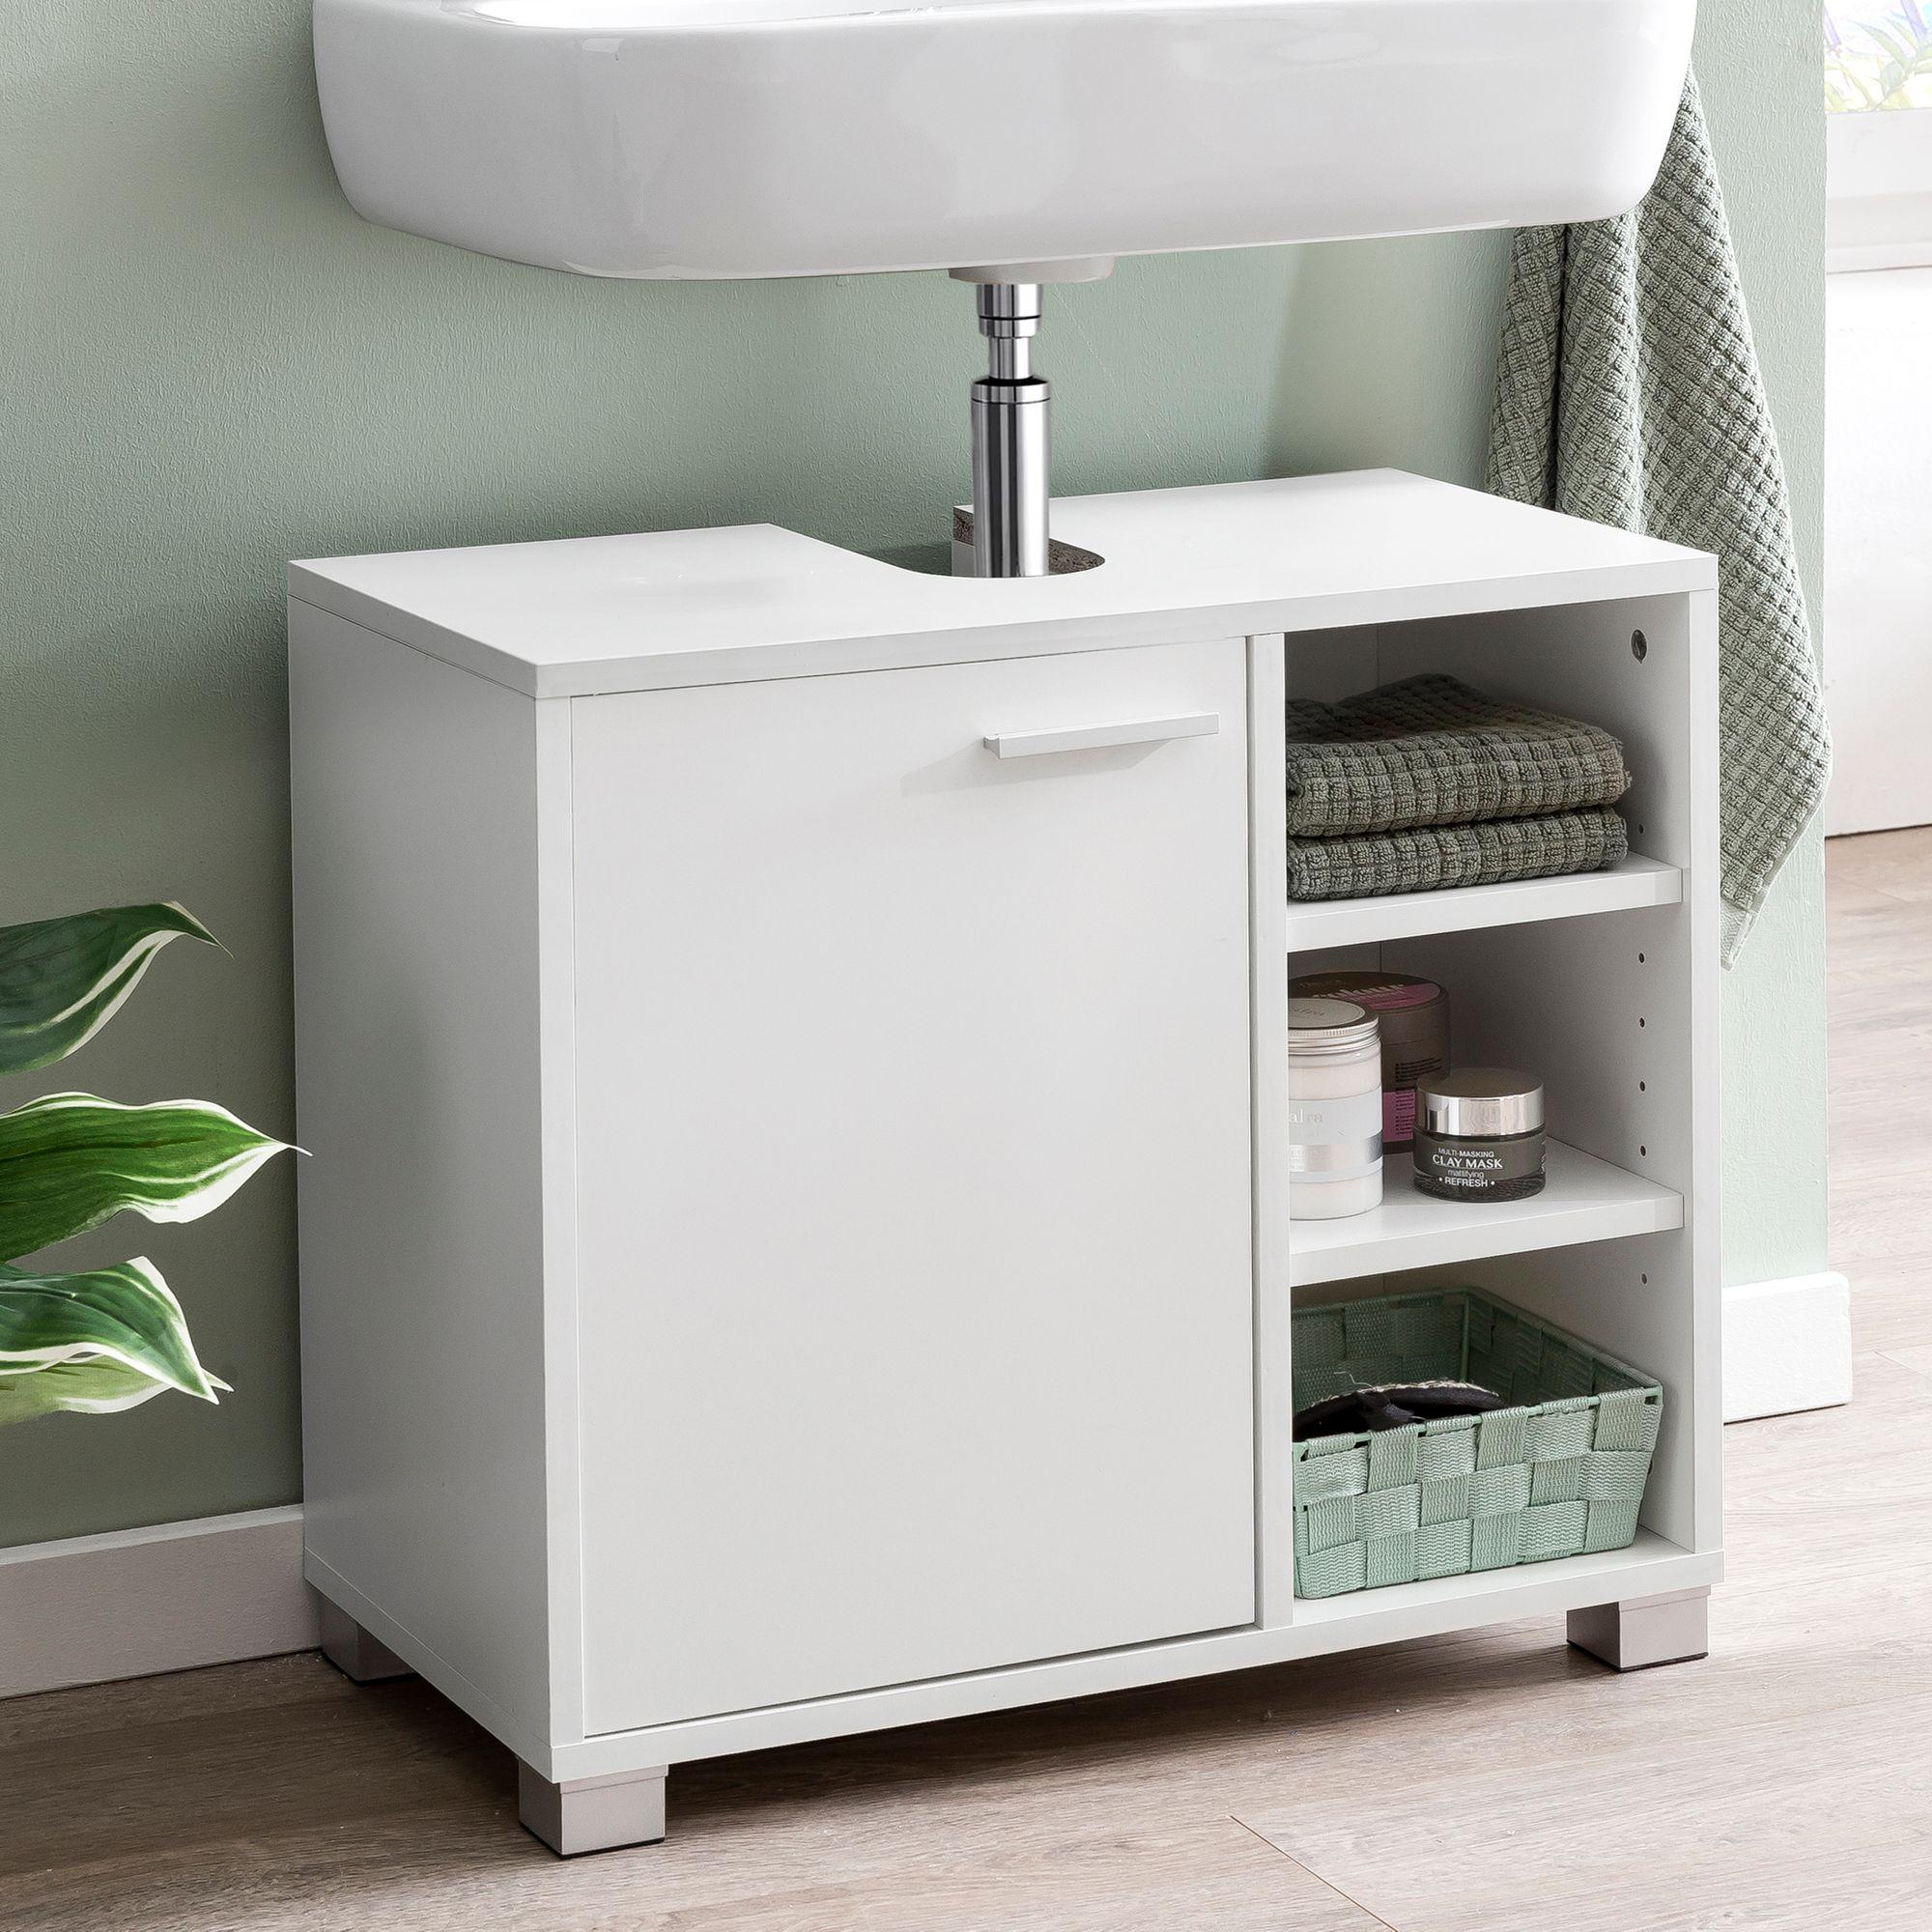 badschrank mit waschbecken